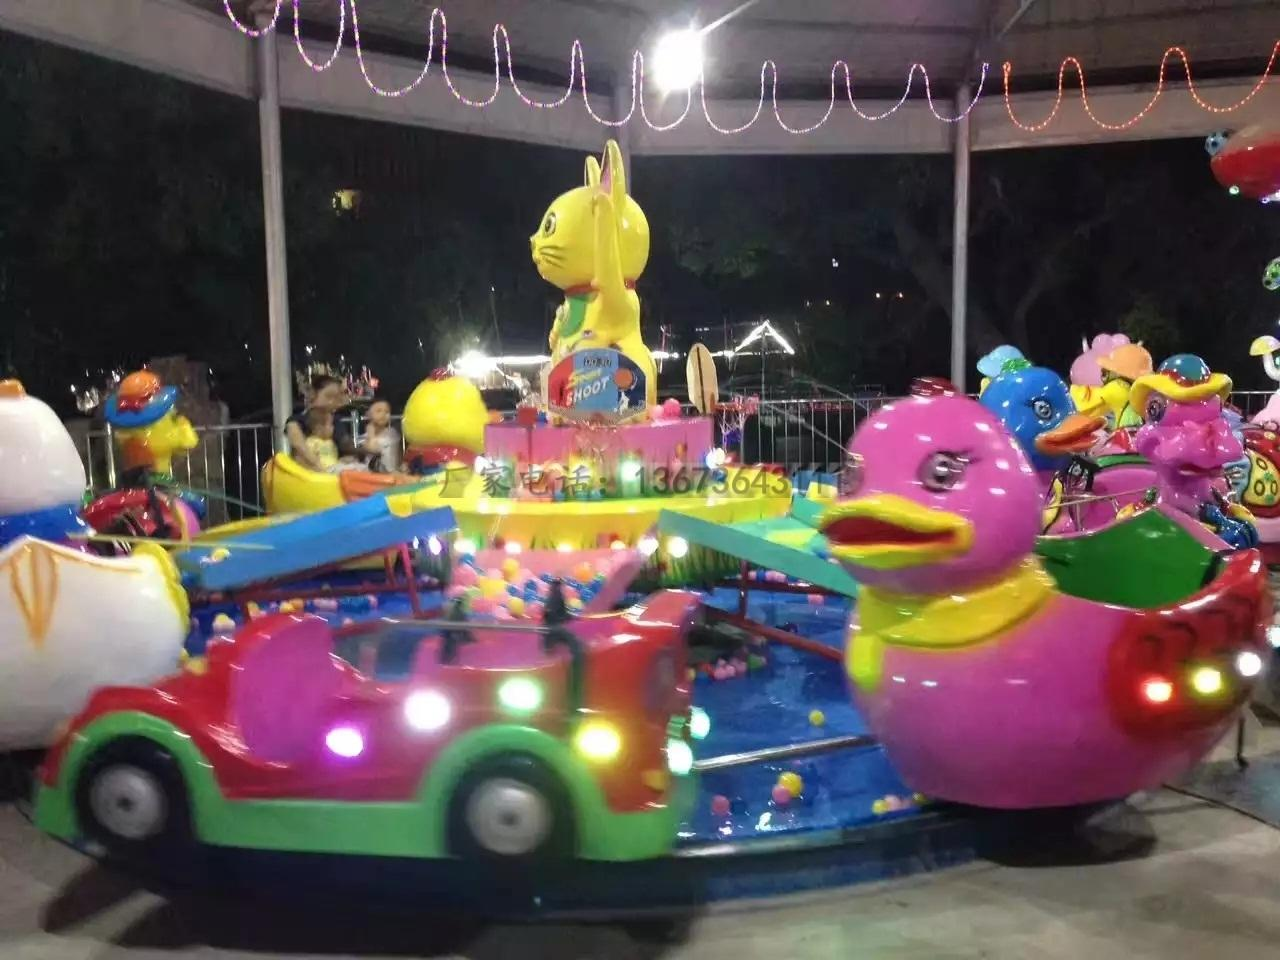 夏季畅销广场水上滚筒 专业定制休闲娱乐水上滚筒大洋游乐设备儿童游艺设施厂家示例图47